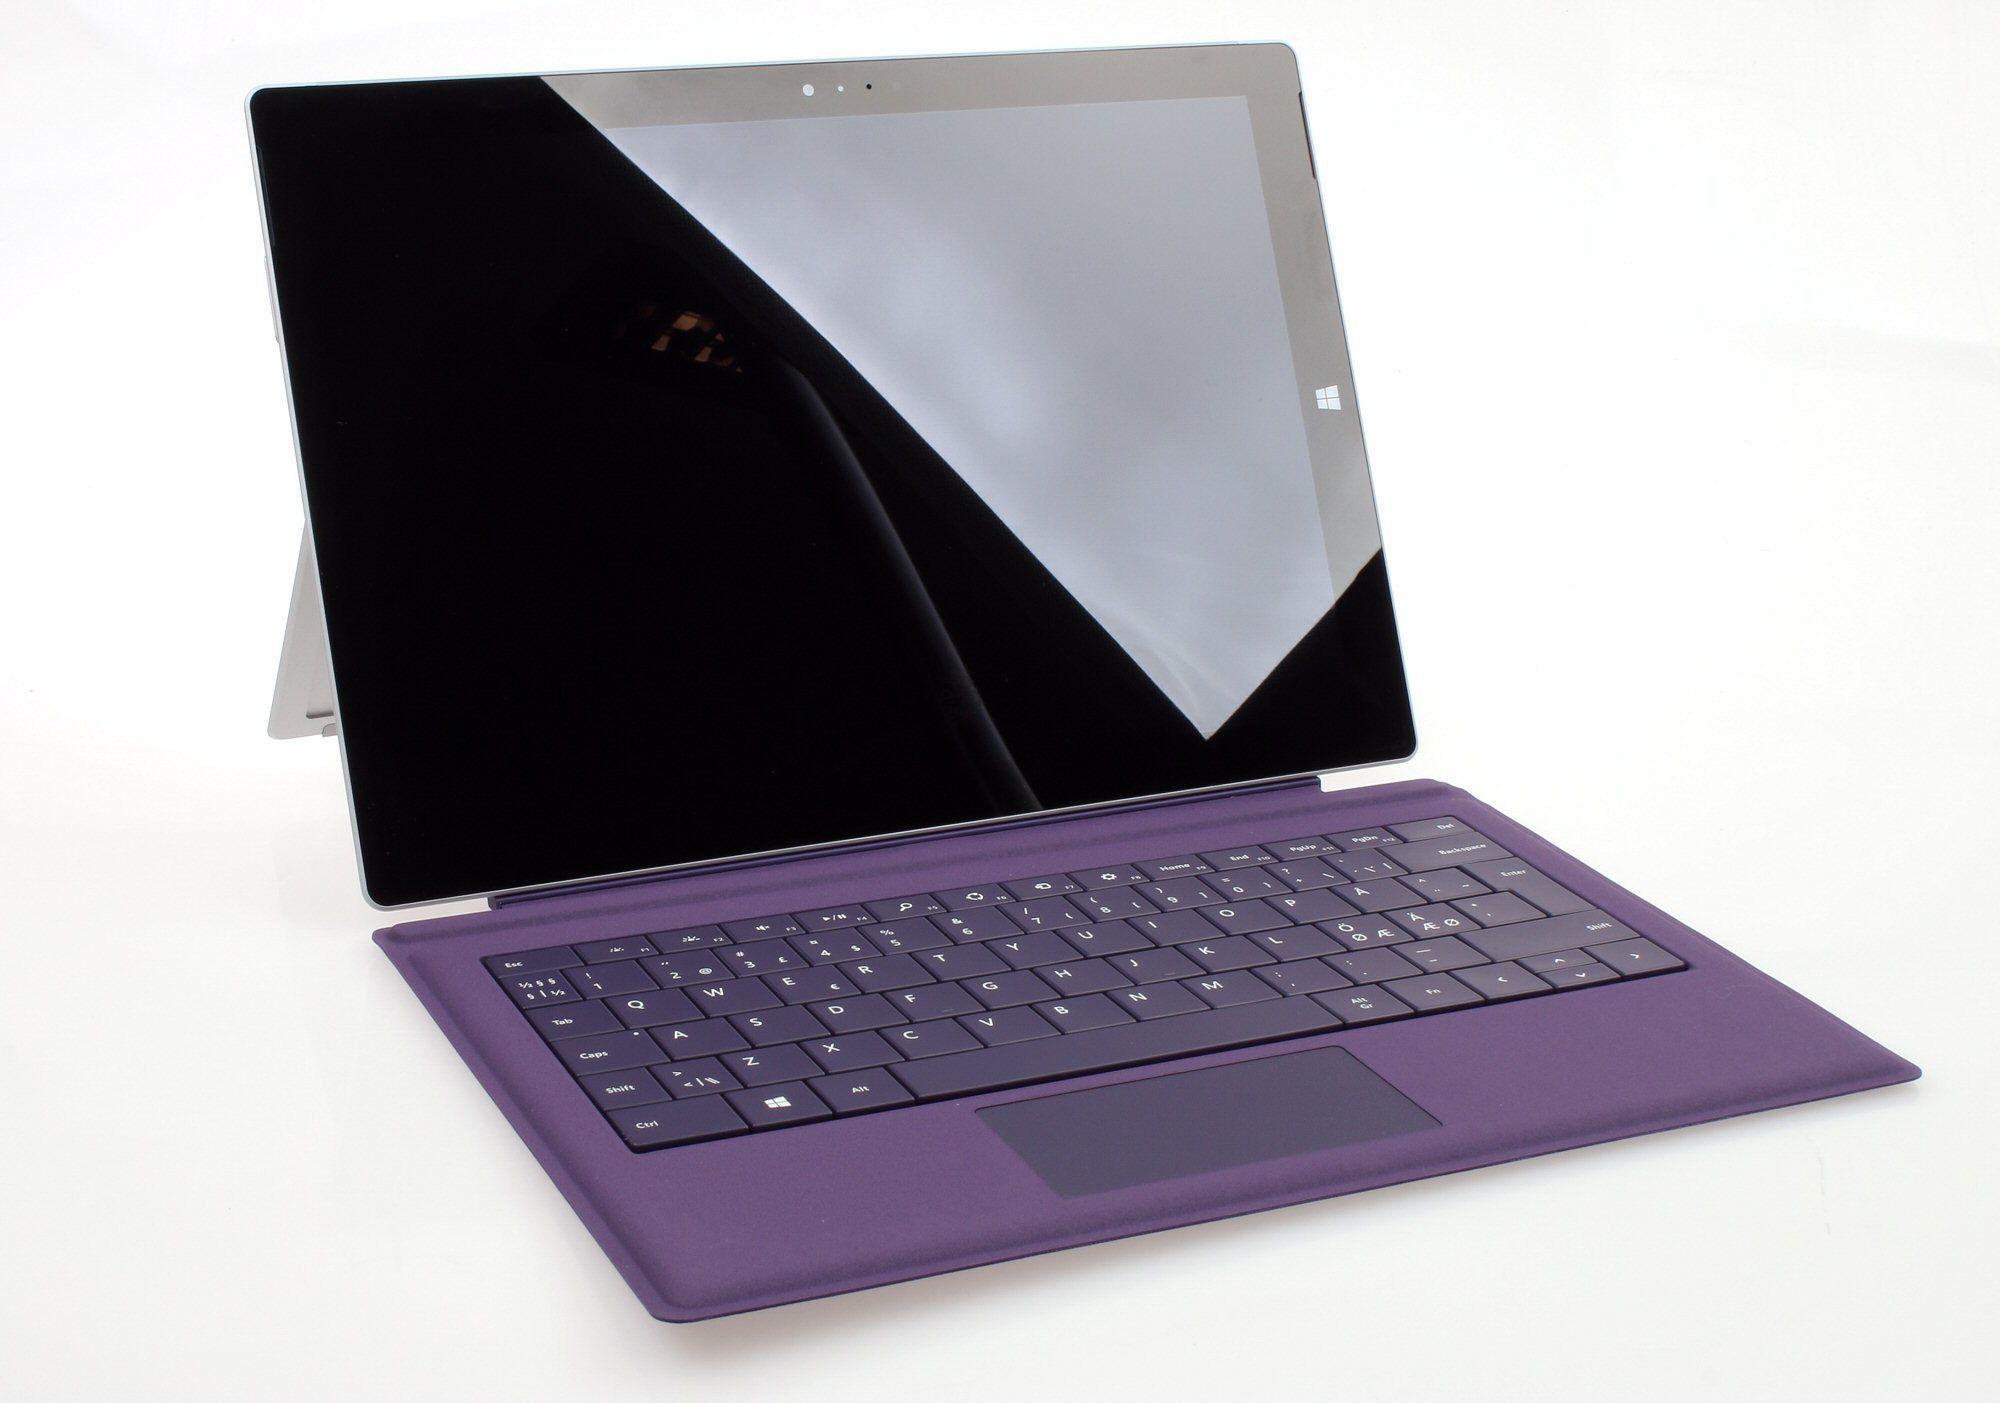 Surface Pro 3 kan du få med forskjellig innmat og forskjellig farge på tastaturdekselet.Foto: Vegar Jansen, Hardware.no